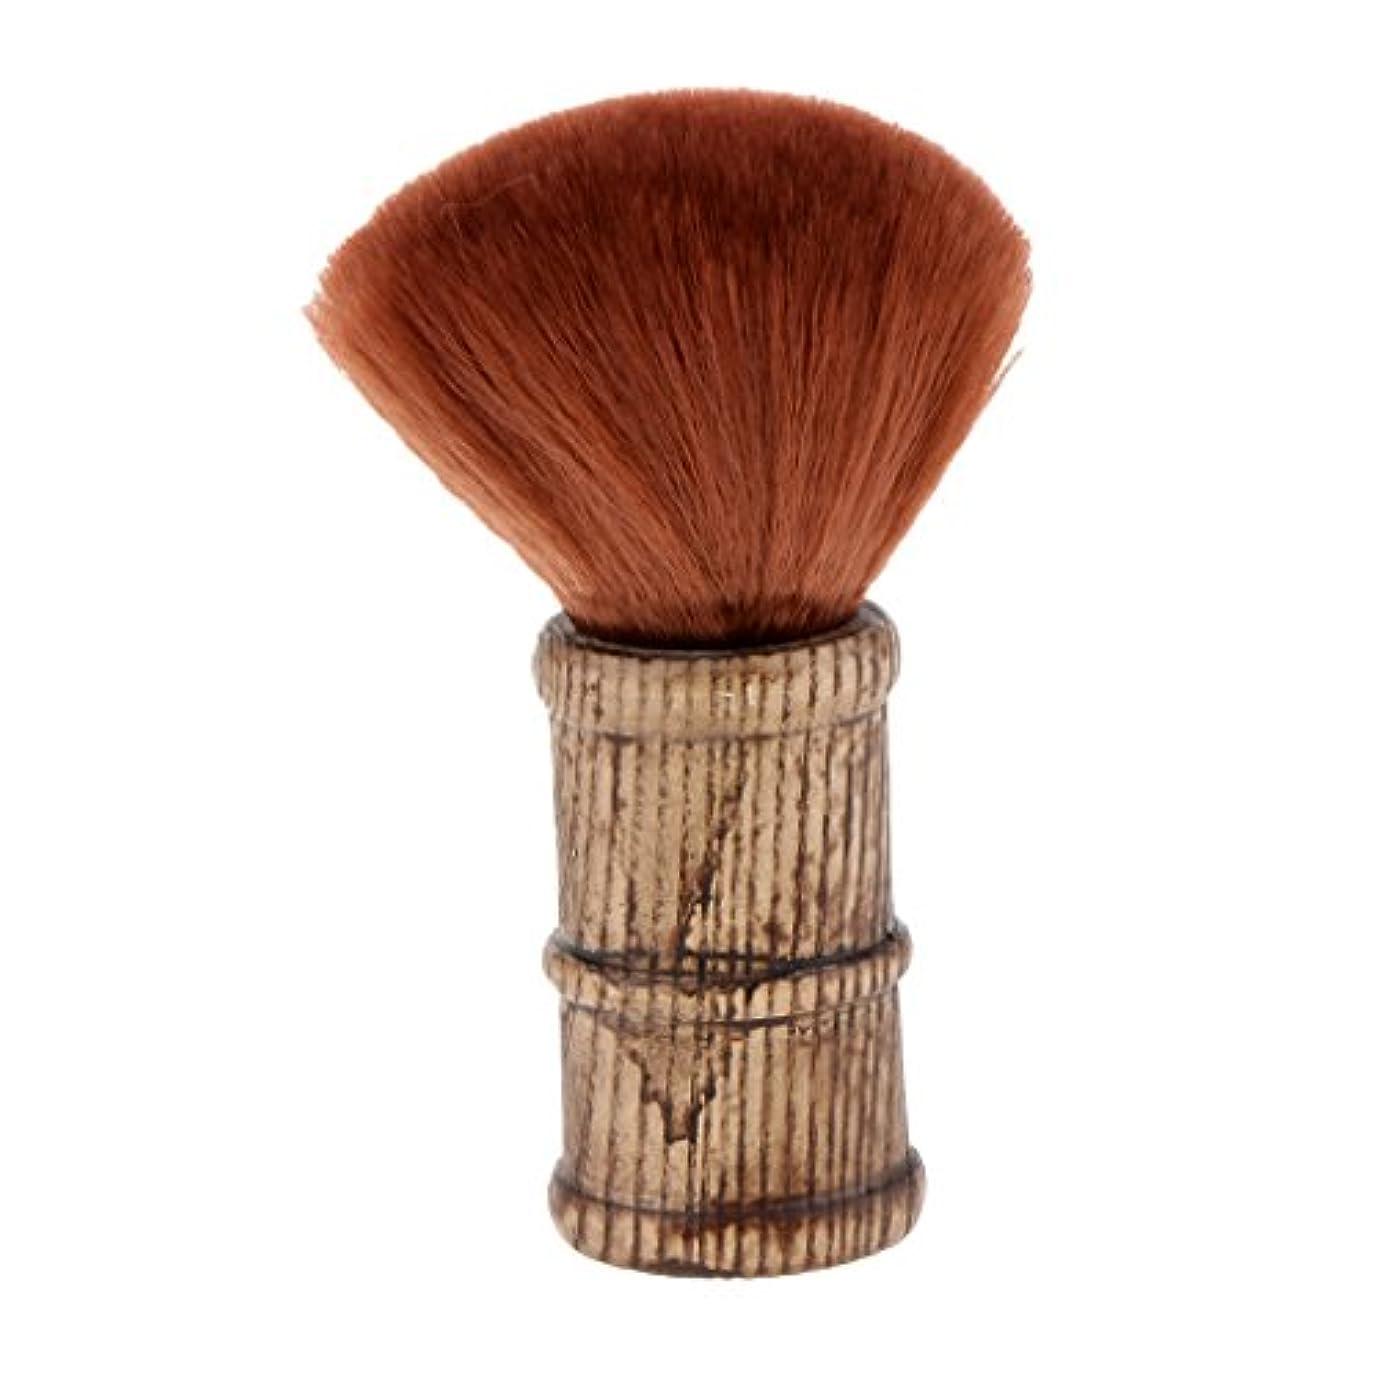 失後ろ、背後、背面(部一般的に言えばネックダスターブラシ ヘアカットブラシ メイクブラシ サロン 理髪師 2色選べ - 褐色